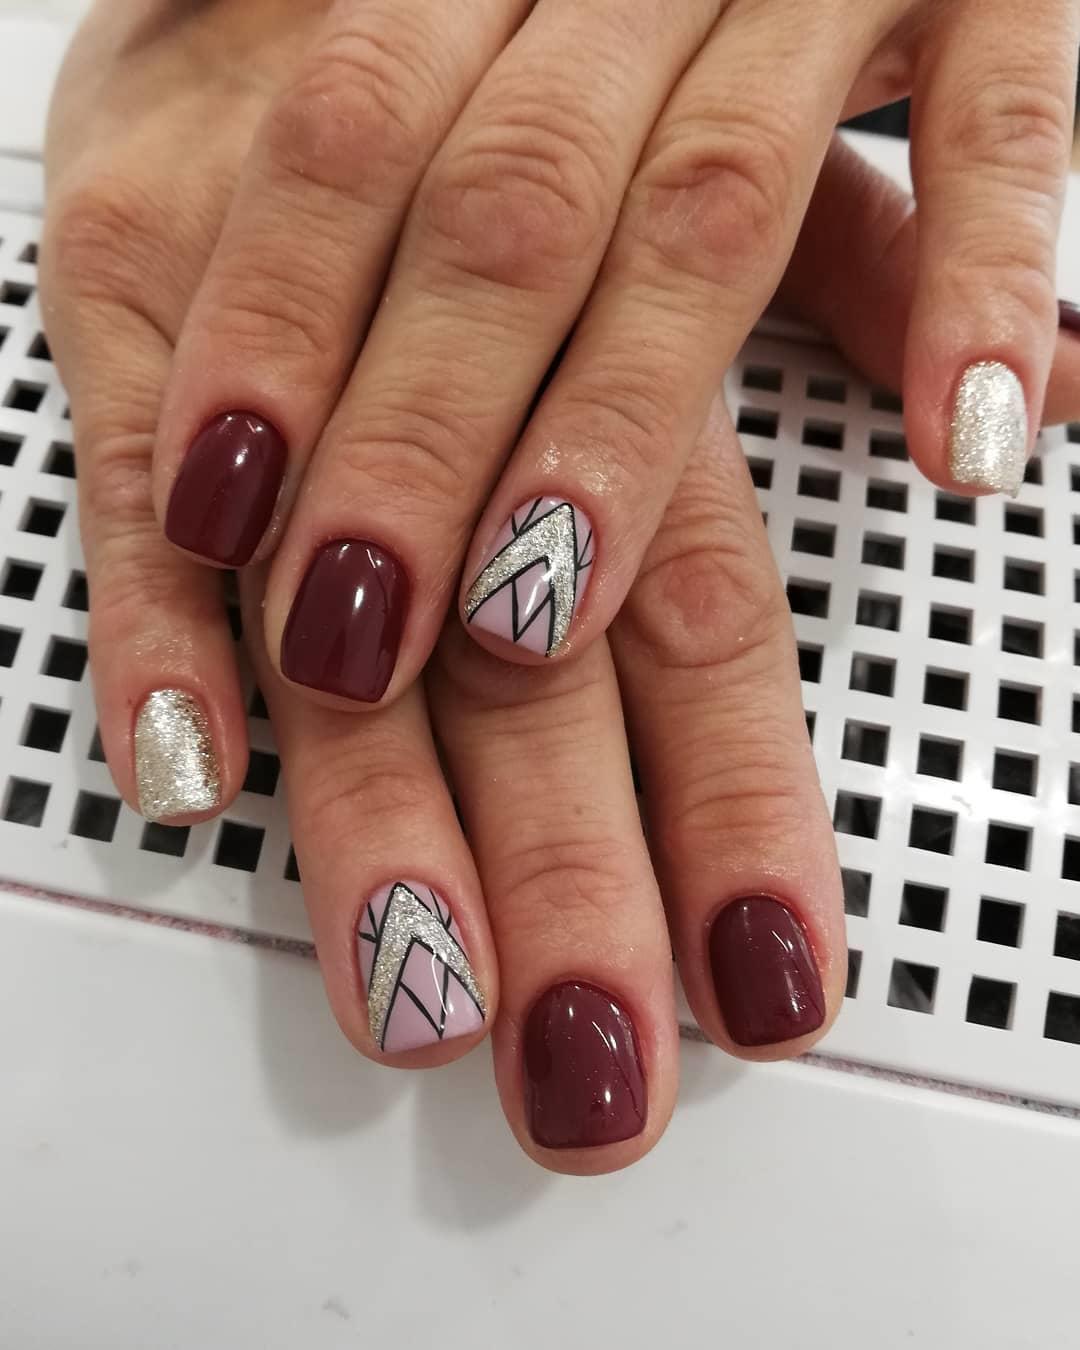 creative red nail design ideas 2019 3 - 20 Creative Red Nail Design Ideas 2019